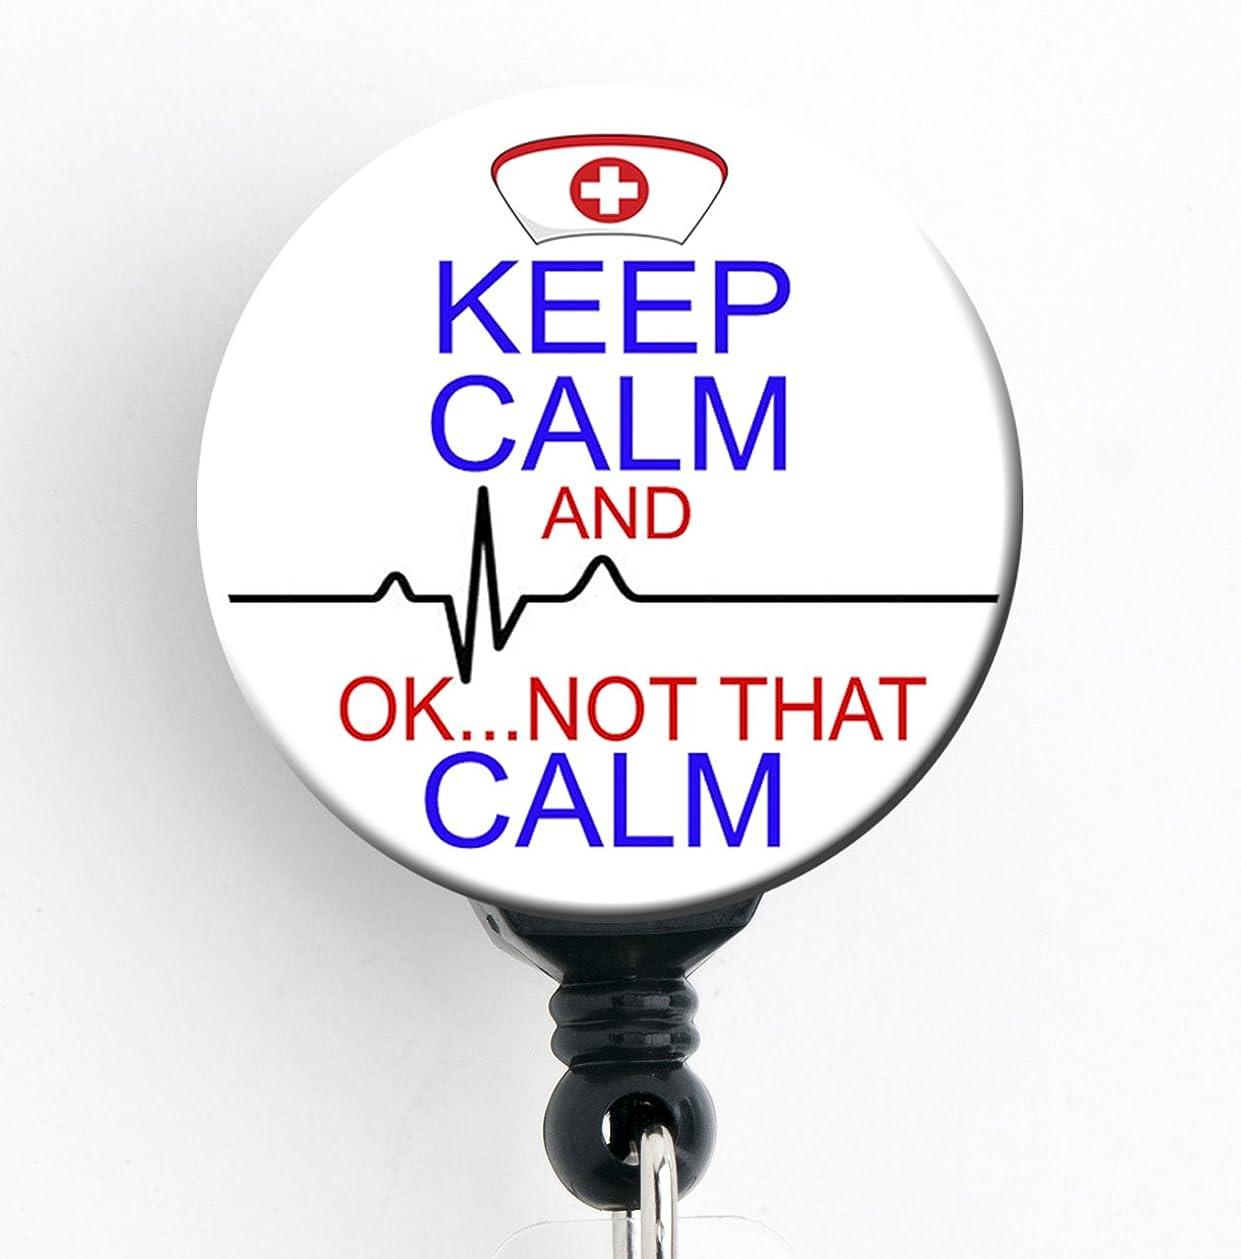 ご飯パット証明書Keep Calm and。。。OK Not That Calm?–?格納式バッジリールwith回転クリップとextra-long 34インチコード?–?バッジホルダー